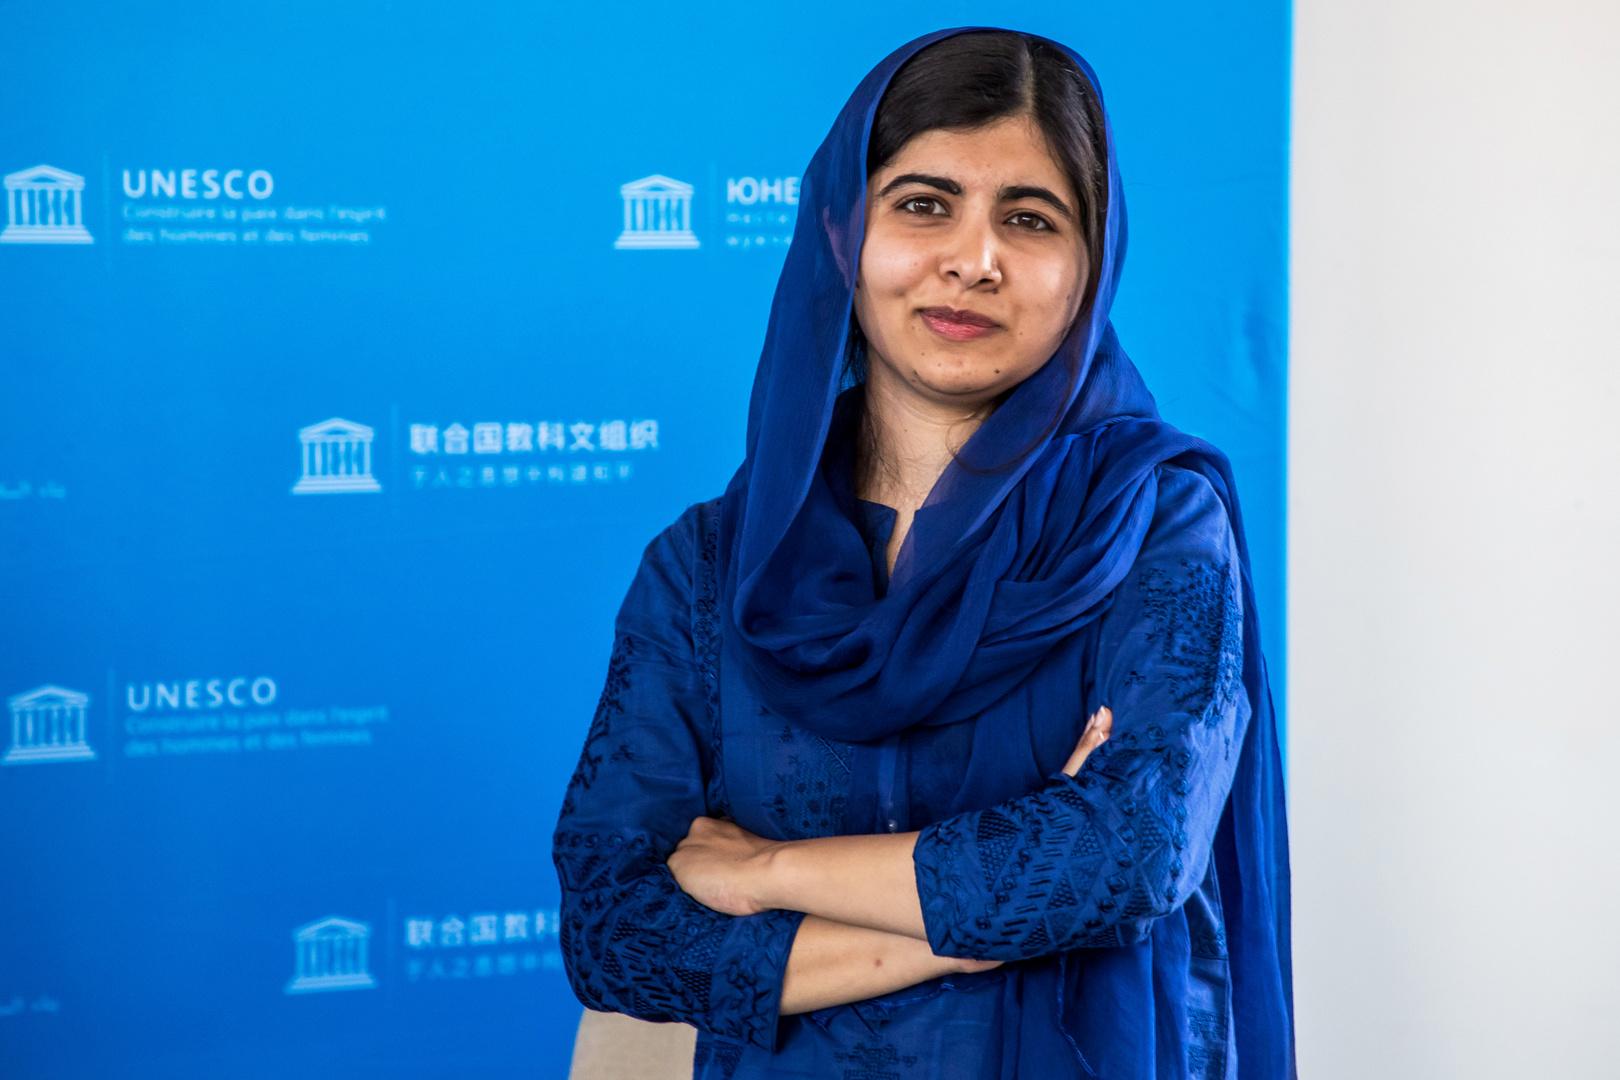 ملالا يوسف زاي تعرب عن قلقها على النساء والأقليات بعد سيطرة